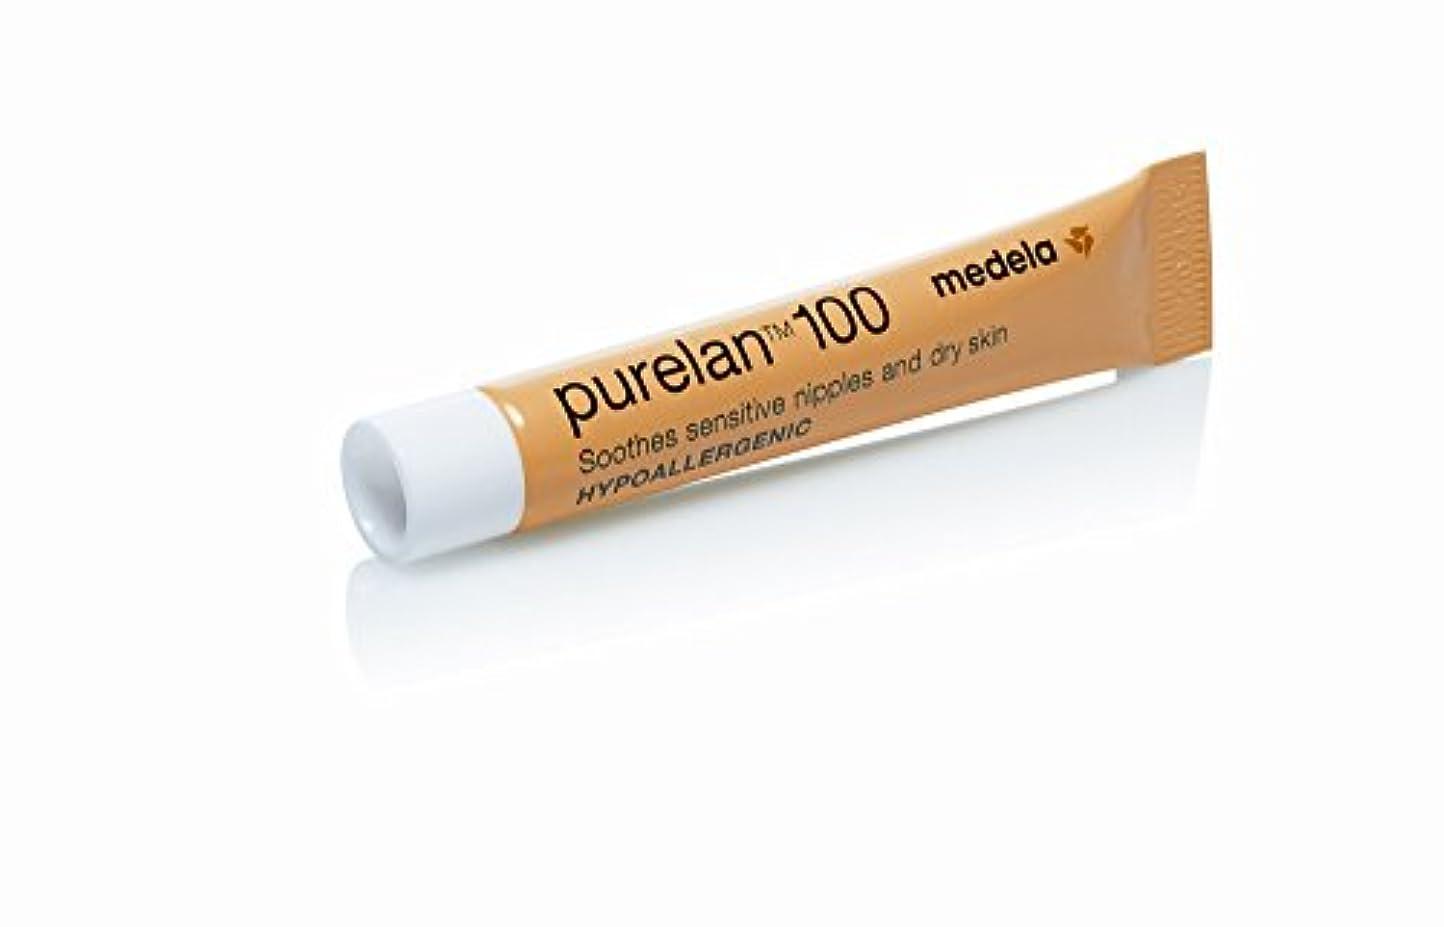 癌ケント勝利したMedela メデラ 乳頭保護クリーム ピュアレーン100 7g 天然ラノリン 100% (008.0018)